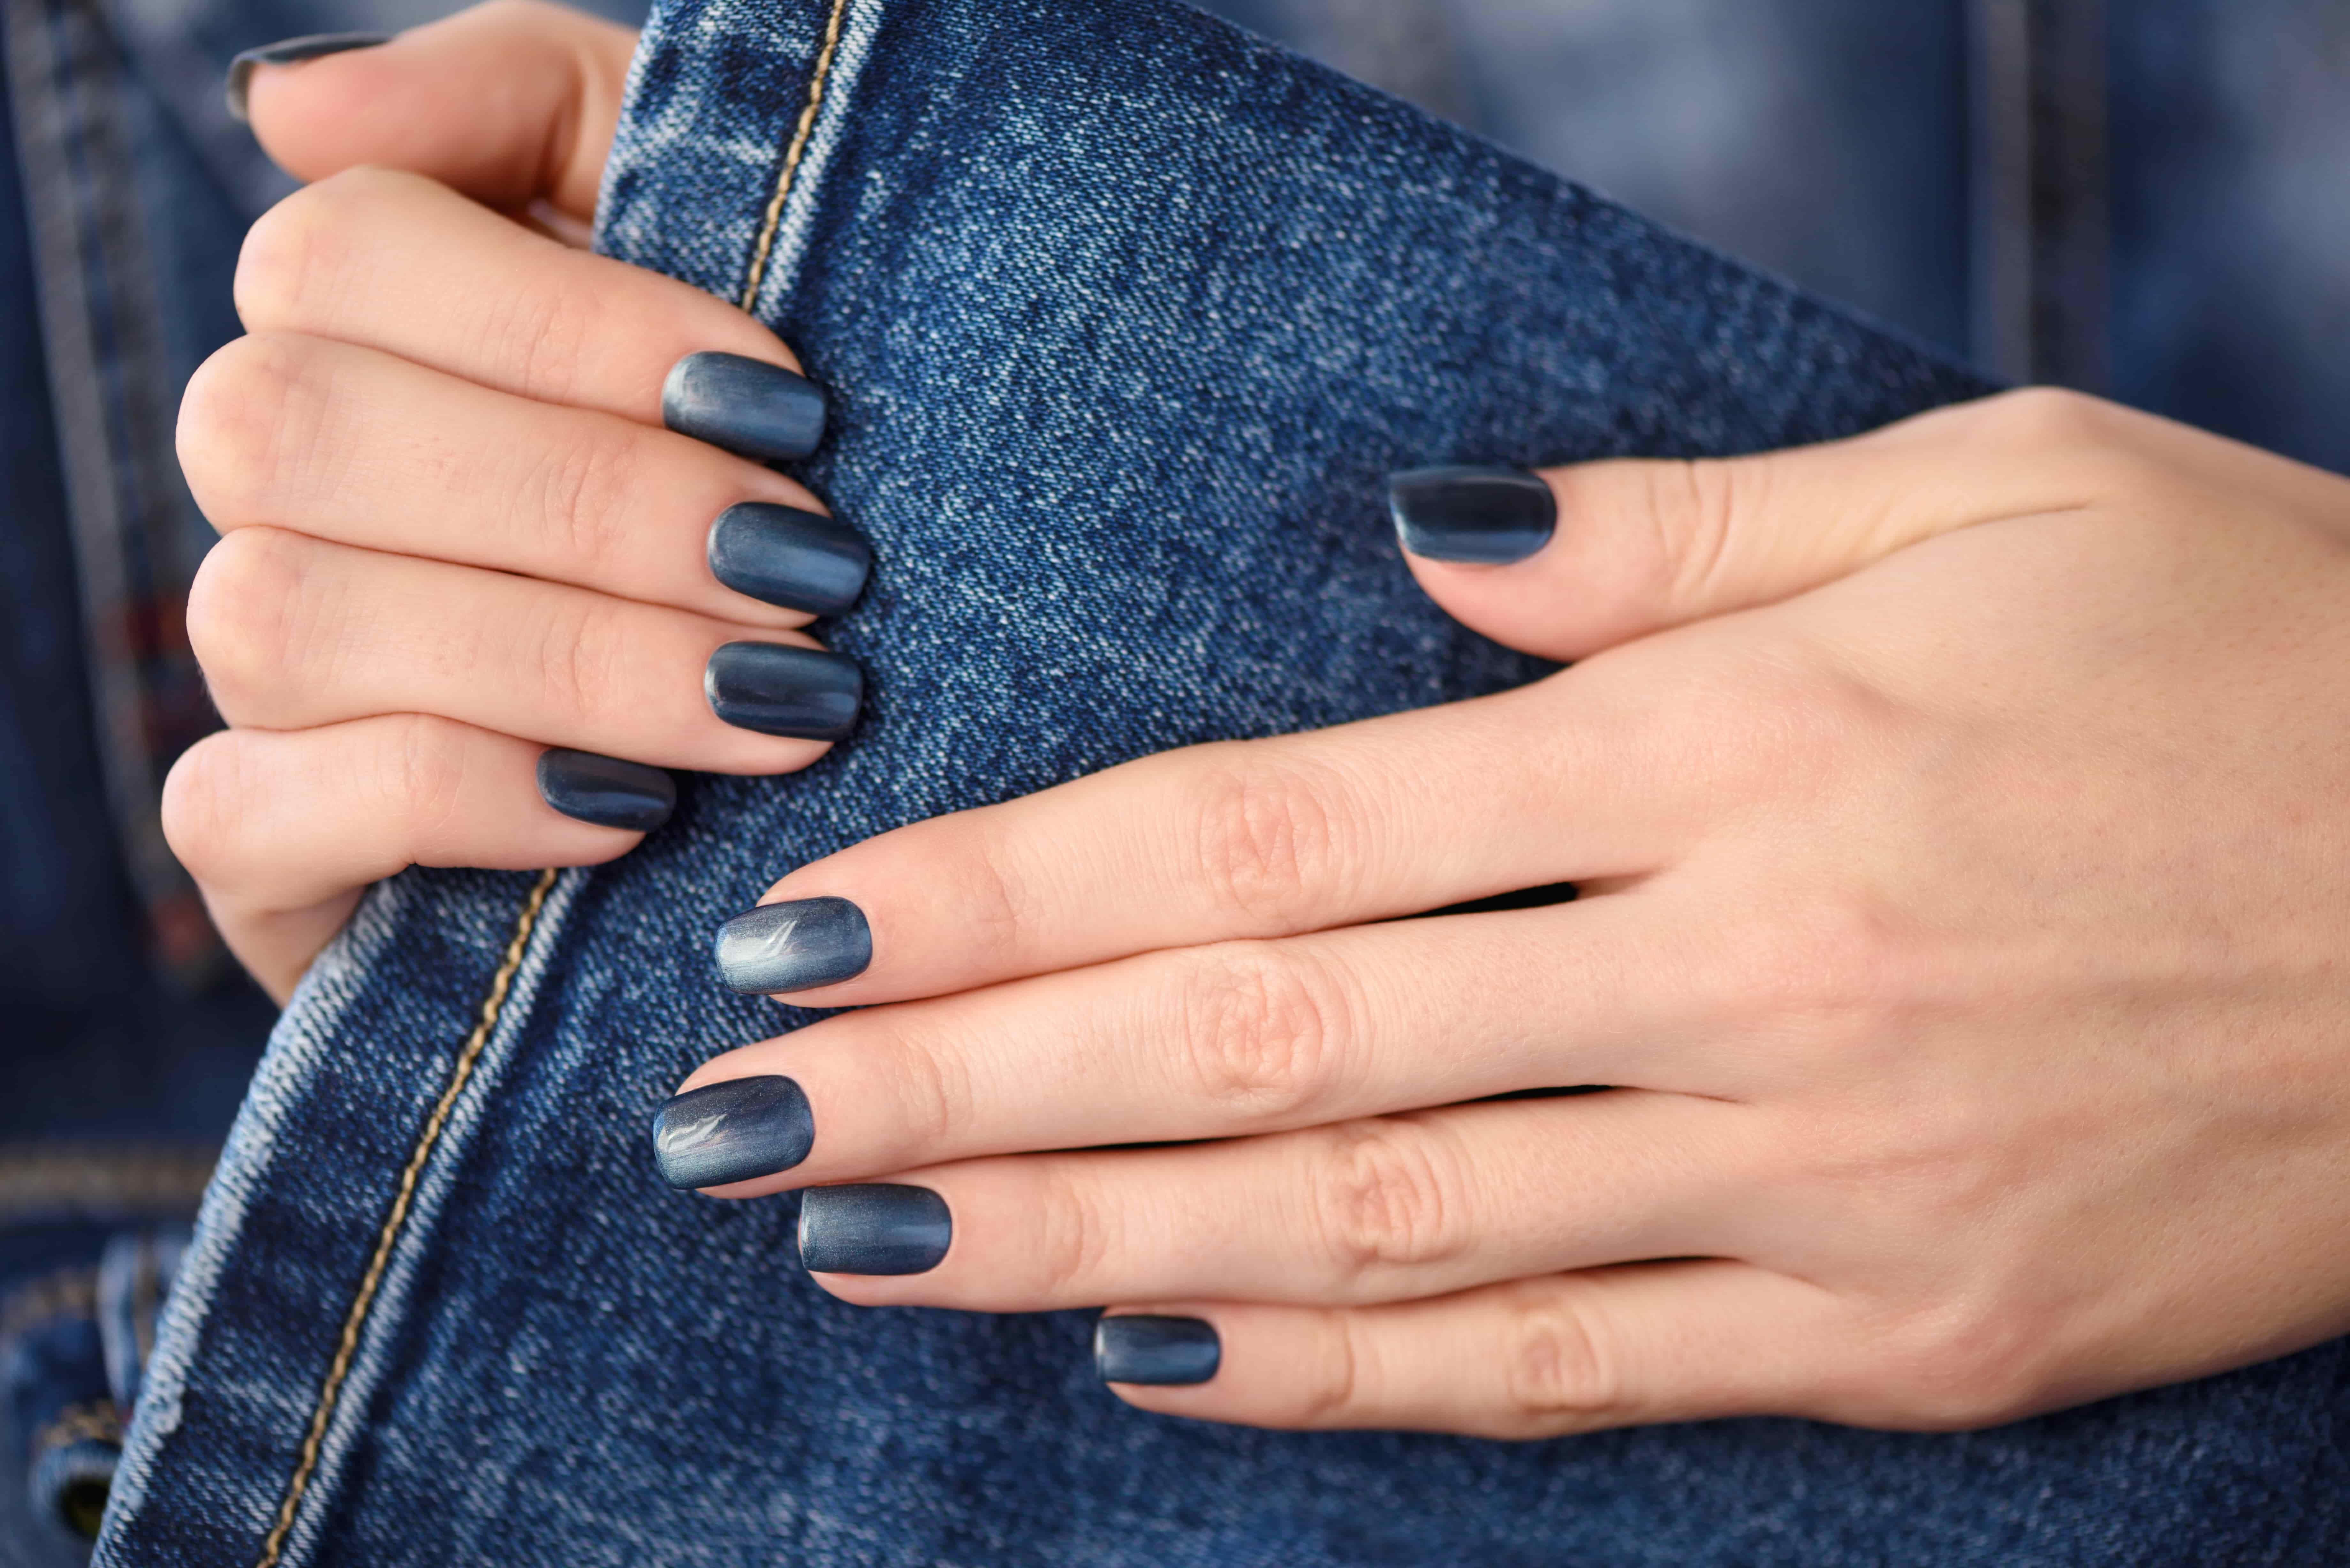 Модные цвета лака для ногтей 2021. Какой цвет будет модным в этом году